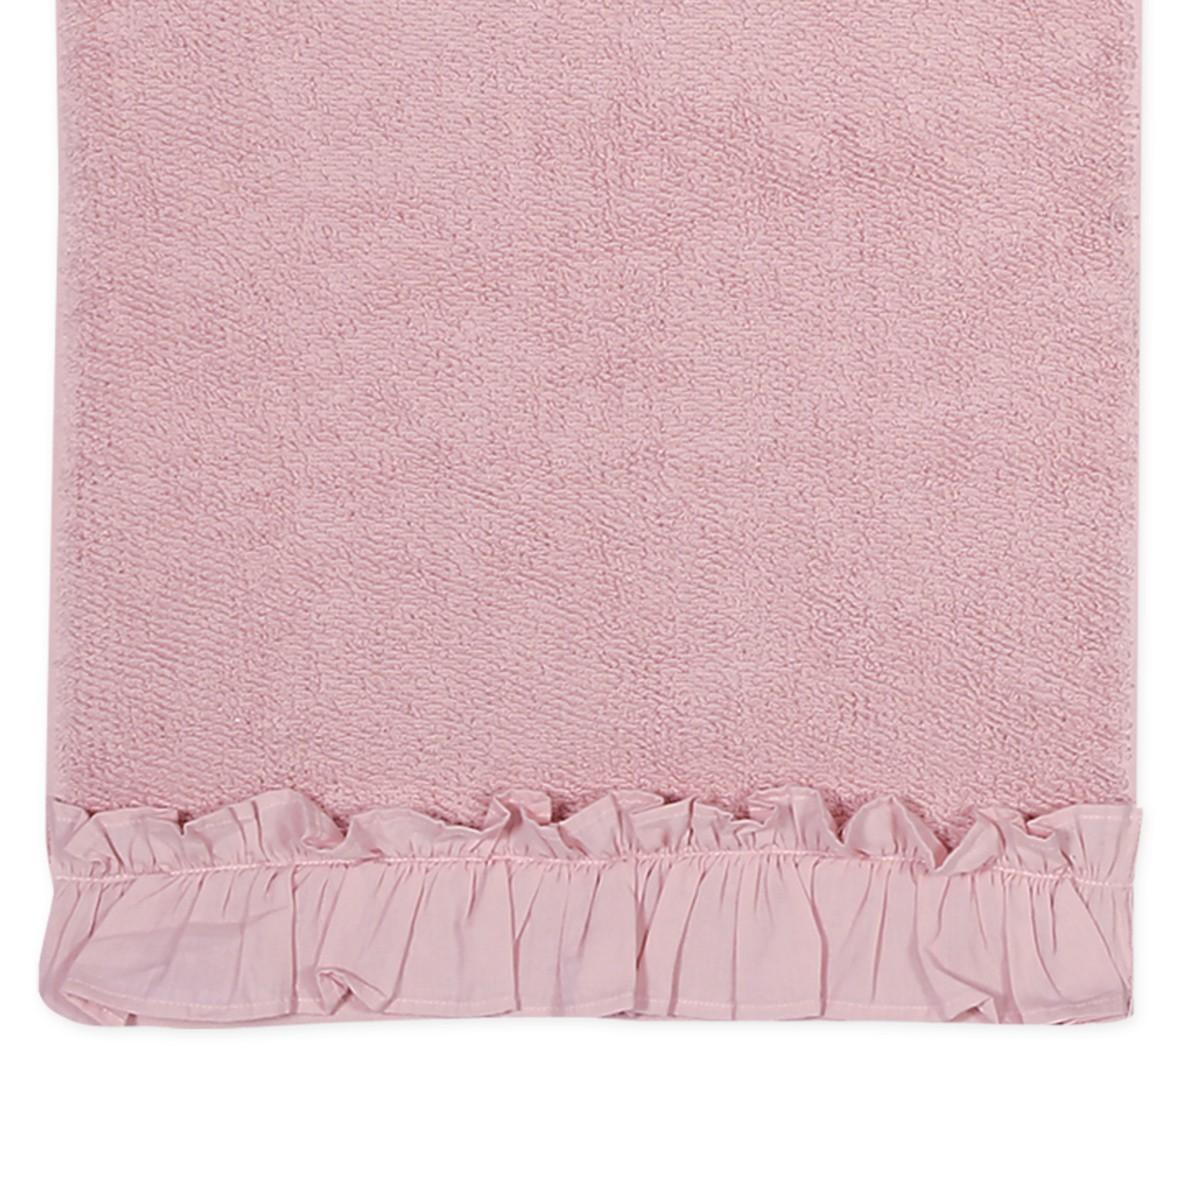 Πετσέτες Μπάνιου (Σετ 3τμχ) Nef-Nef Volano